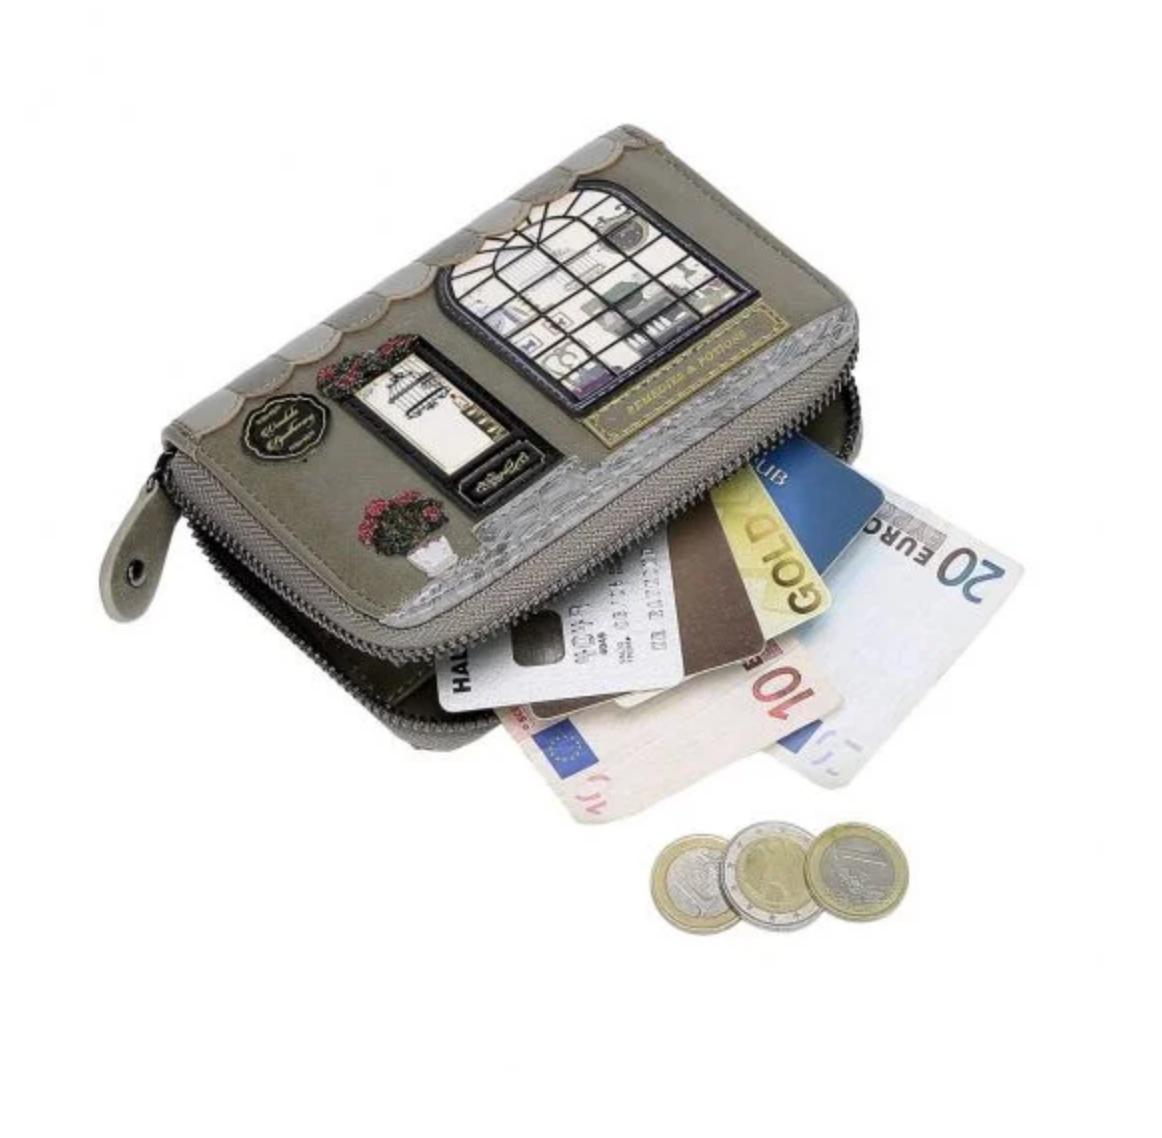 Vendula London Vendula London Apothecary Small Zip-around Wallet